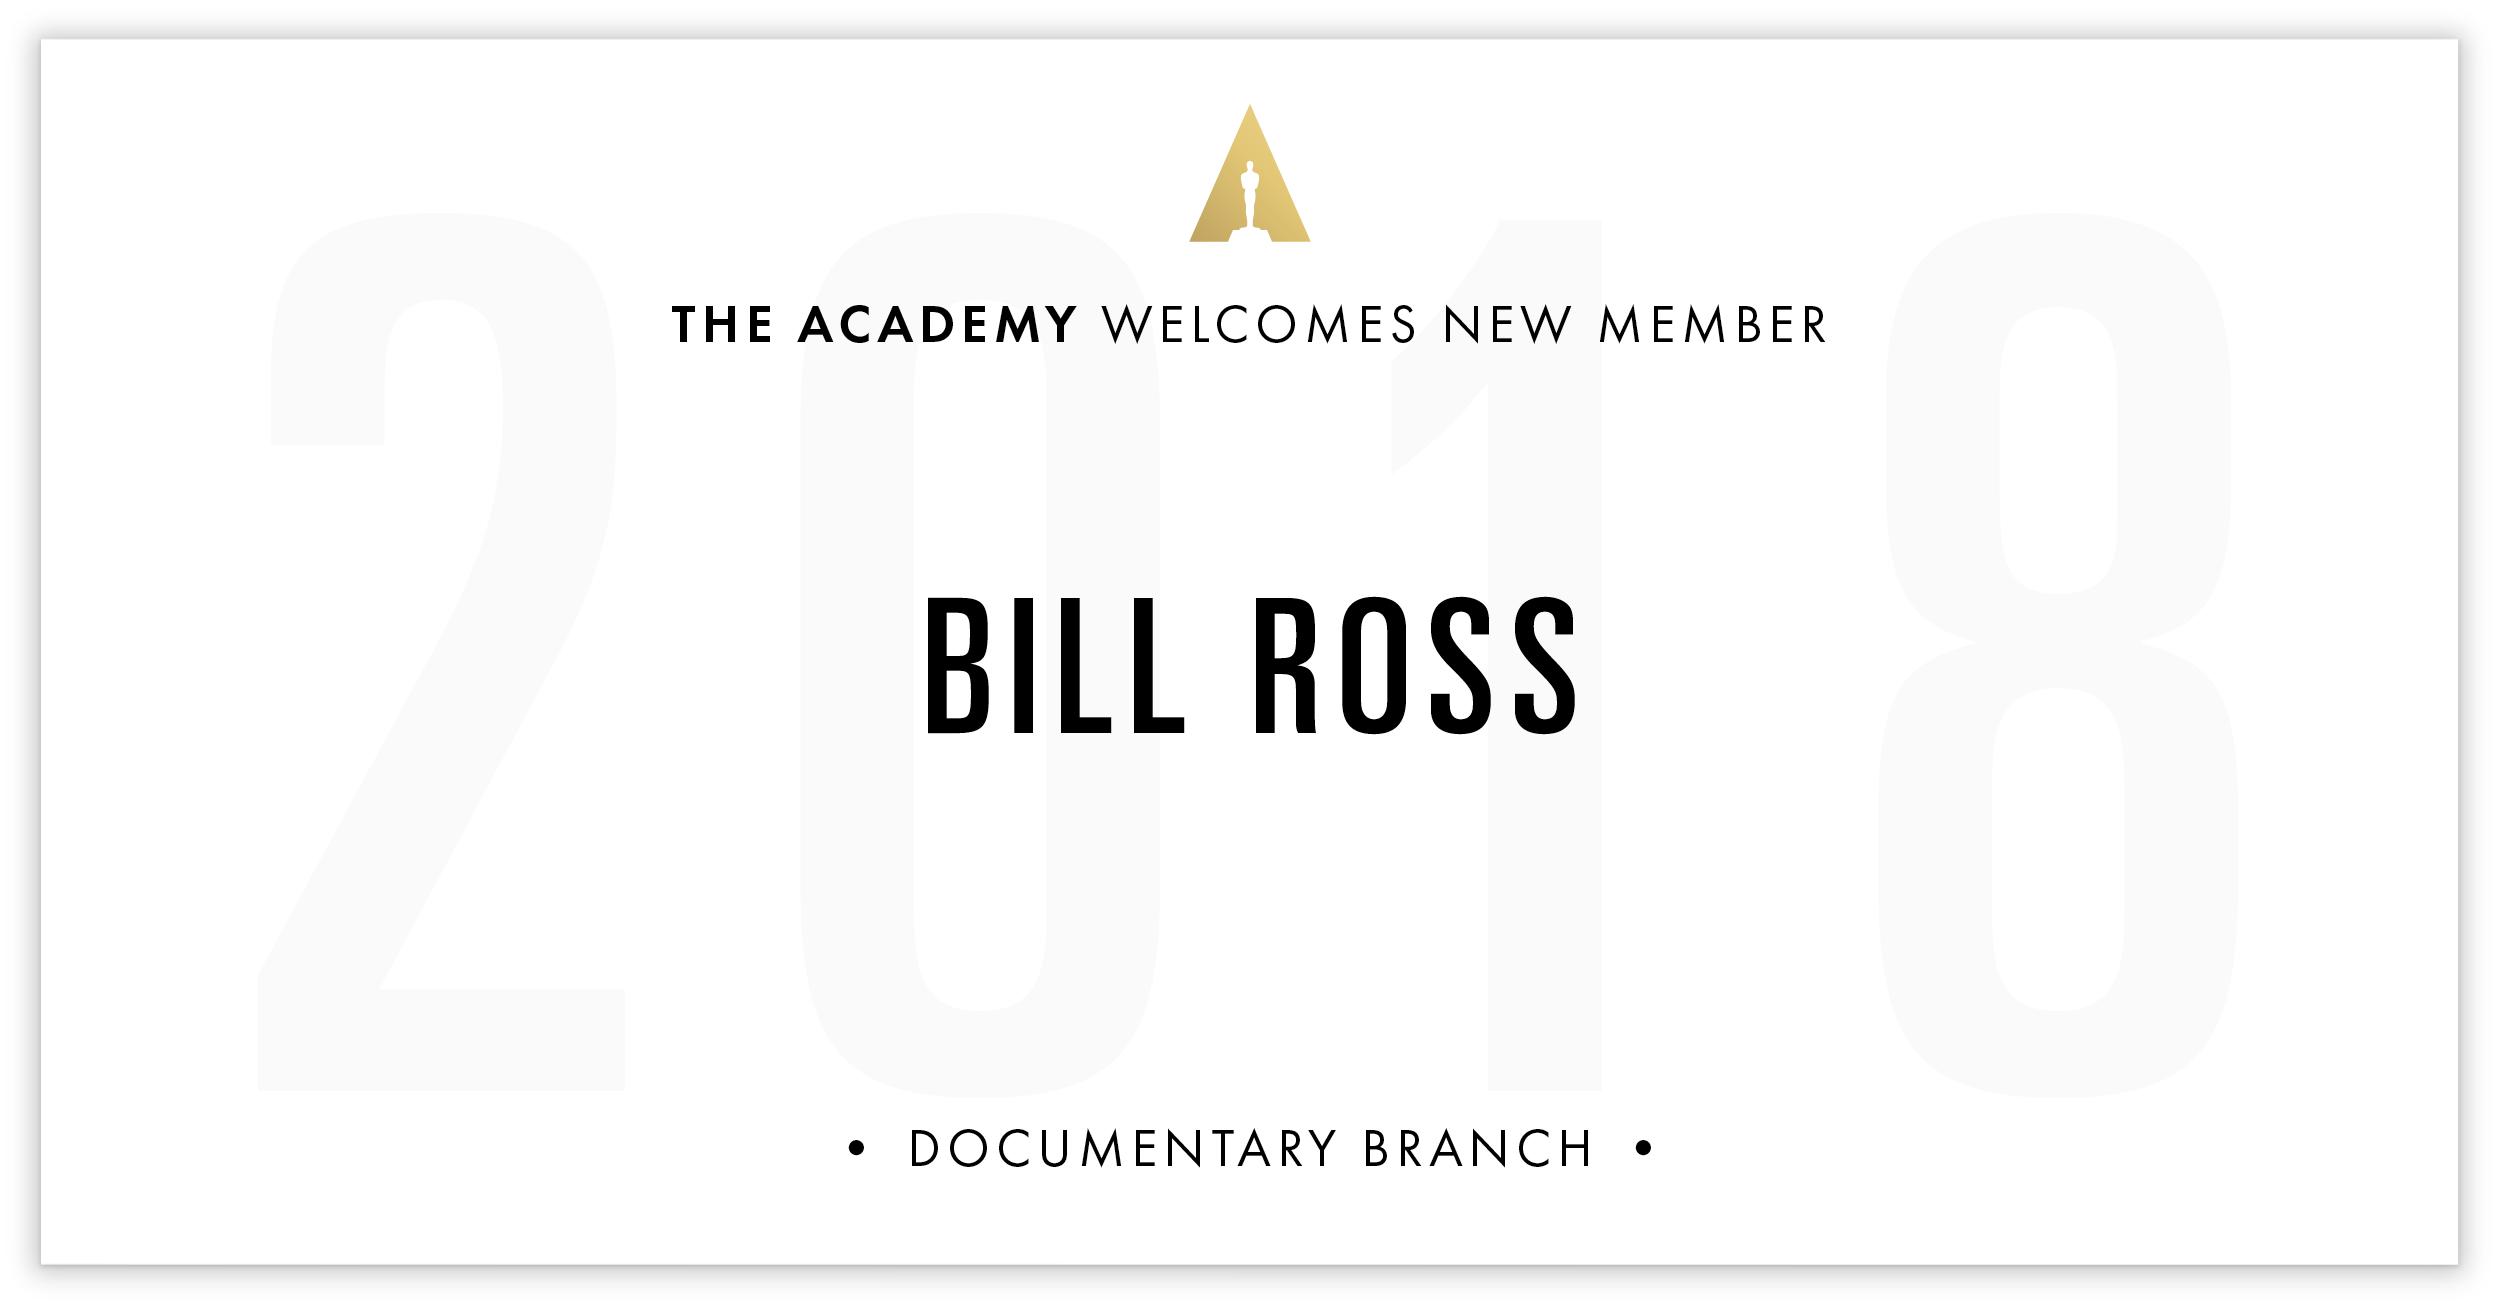 Bill Ross is invited!